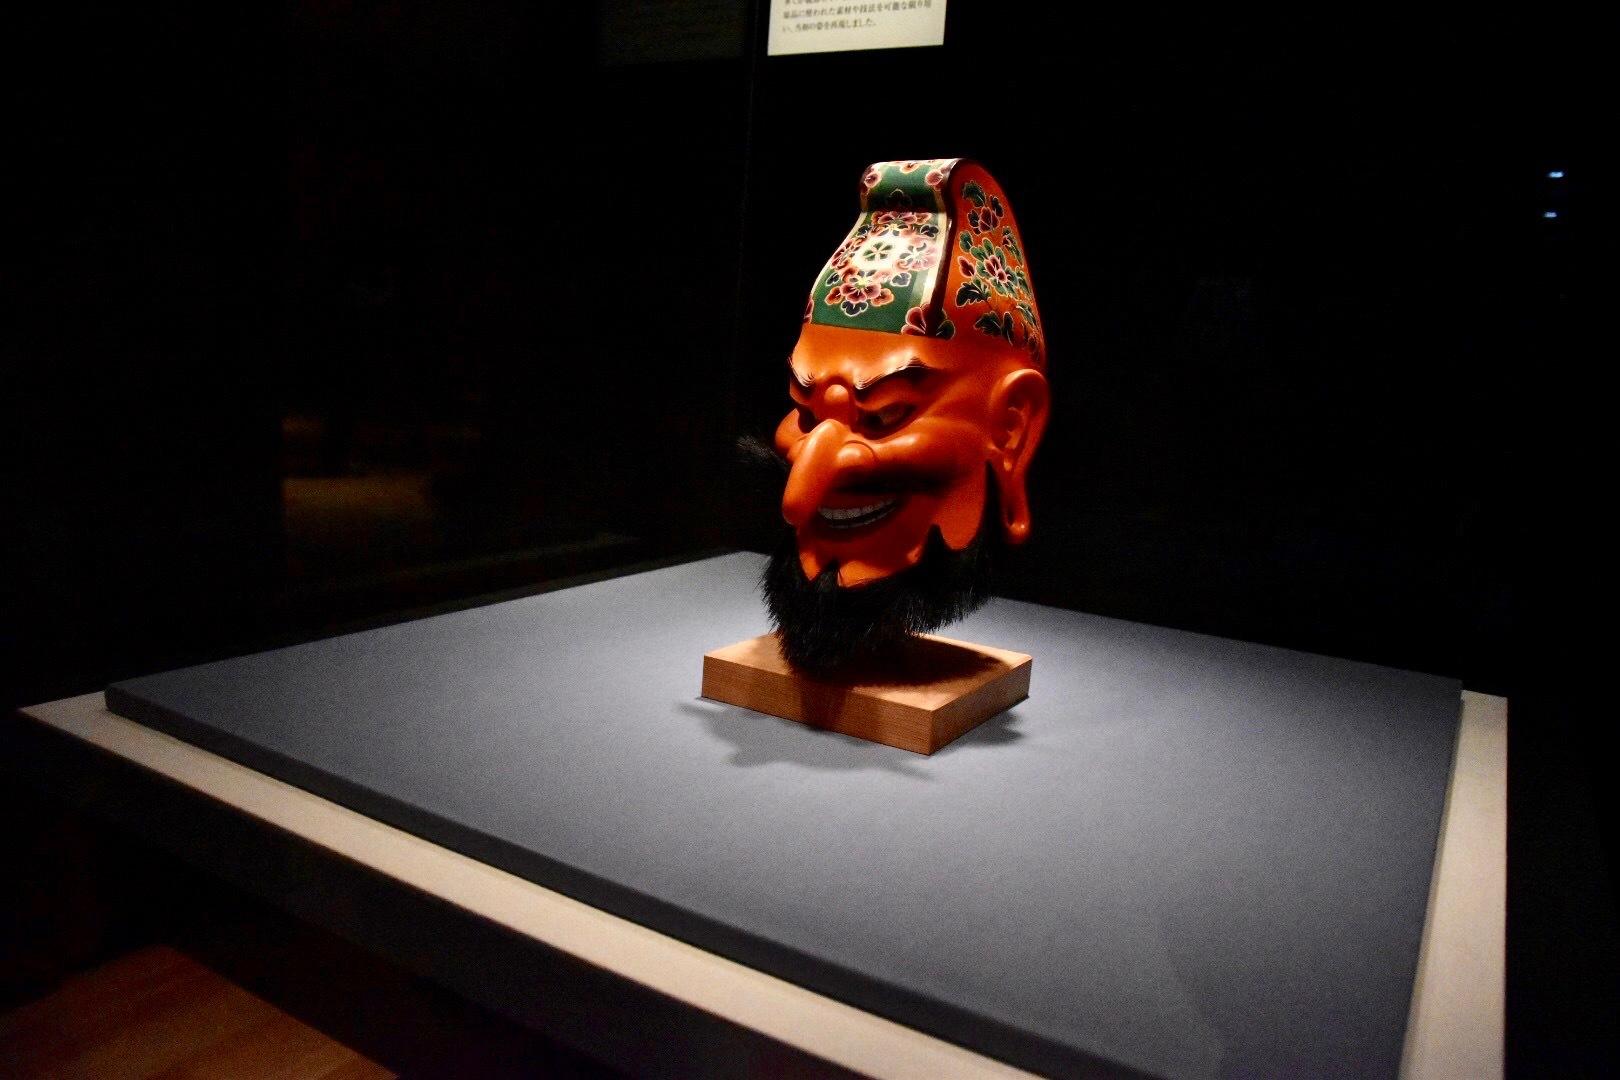 《模造 伎楽面 酔胡王》 平成16年(2004年) 正倉院事務所蔵 前期展示